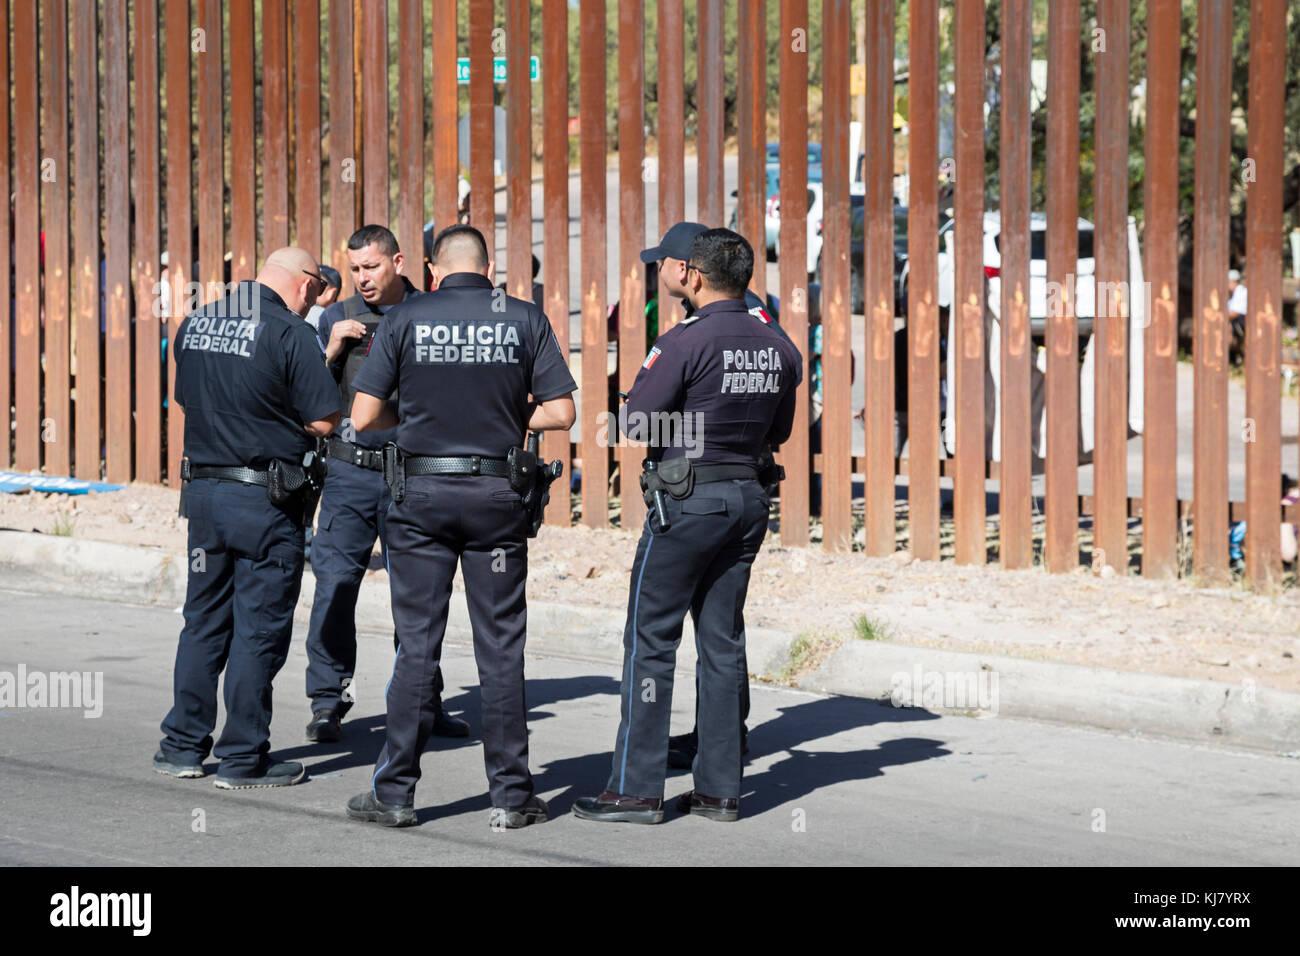 Nogales, Sonora México - policías federales en la valla de la frontera U.S.-México. Foto de stock